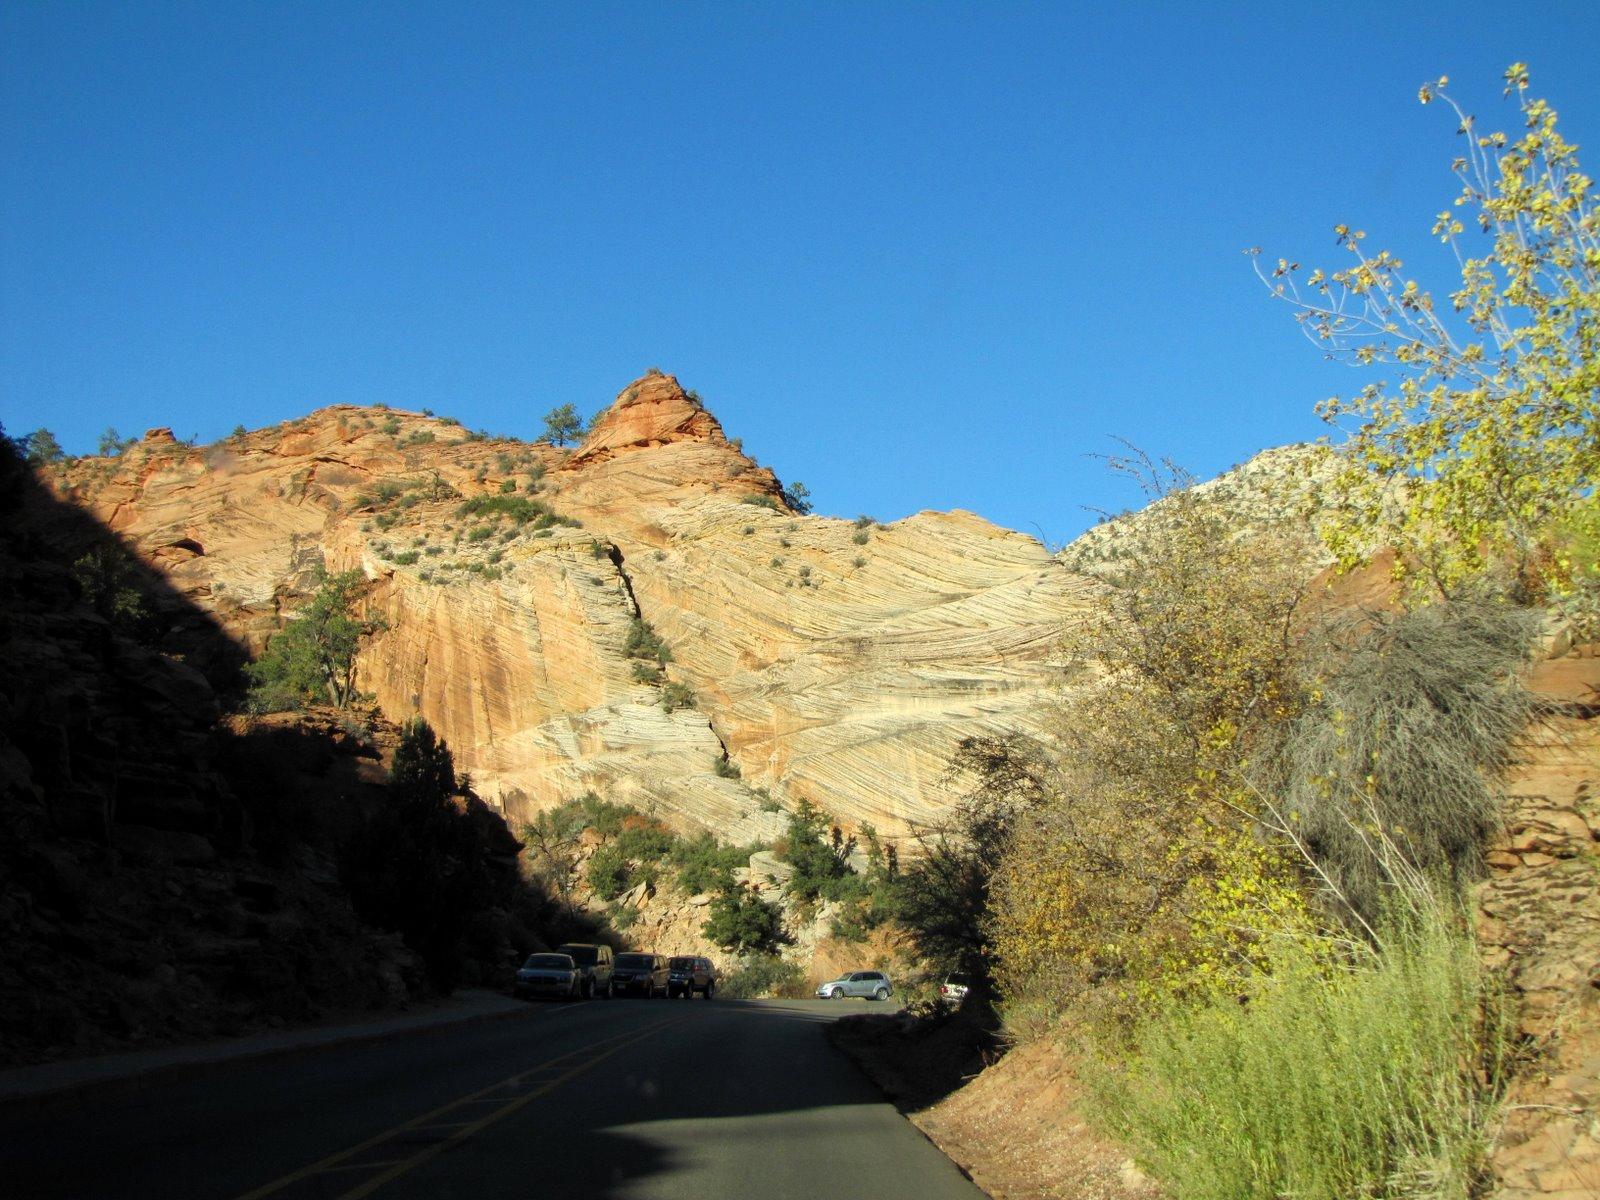 Útban az elefántbőr sziklá felé  Near to the elephant-skin rocks